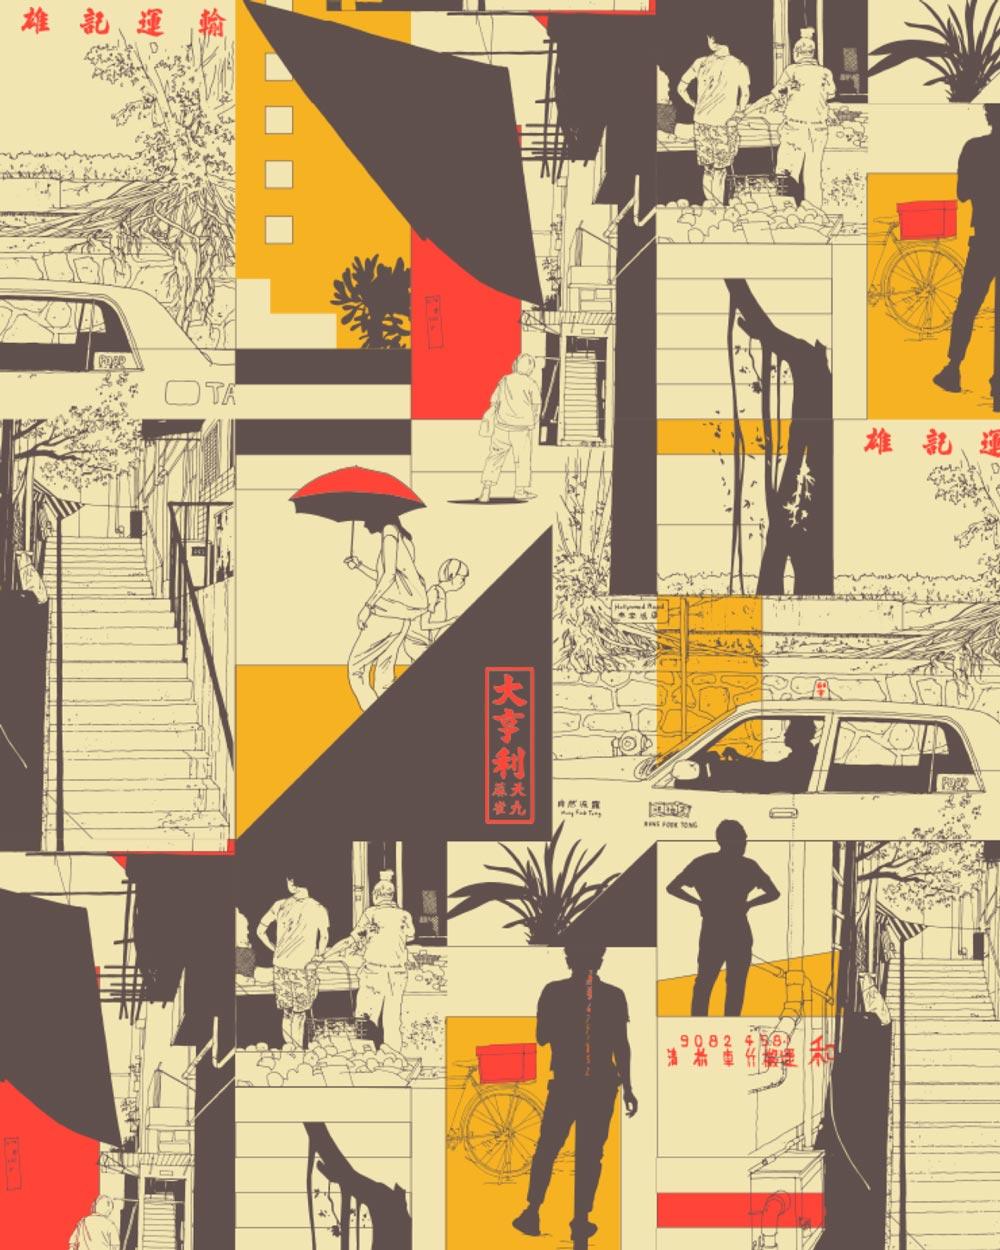 evan-hecox-hongkong-design-herschel